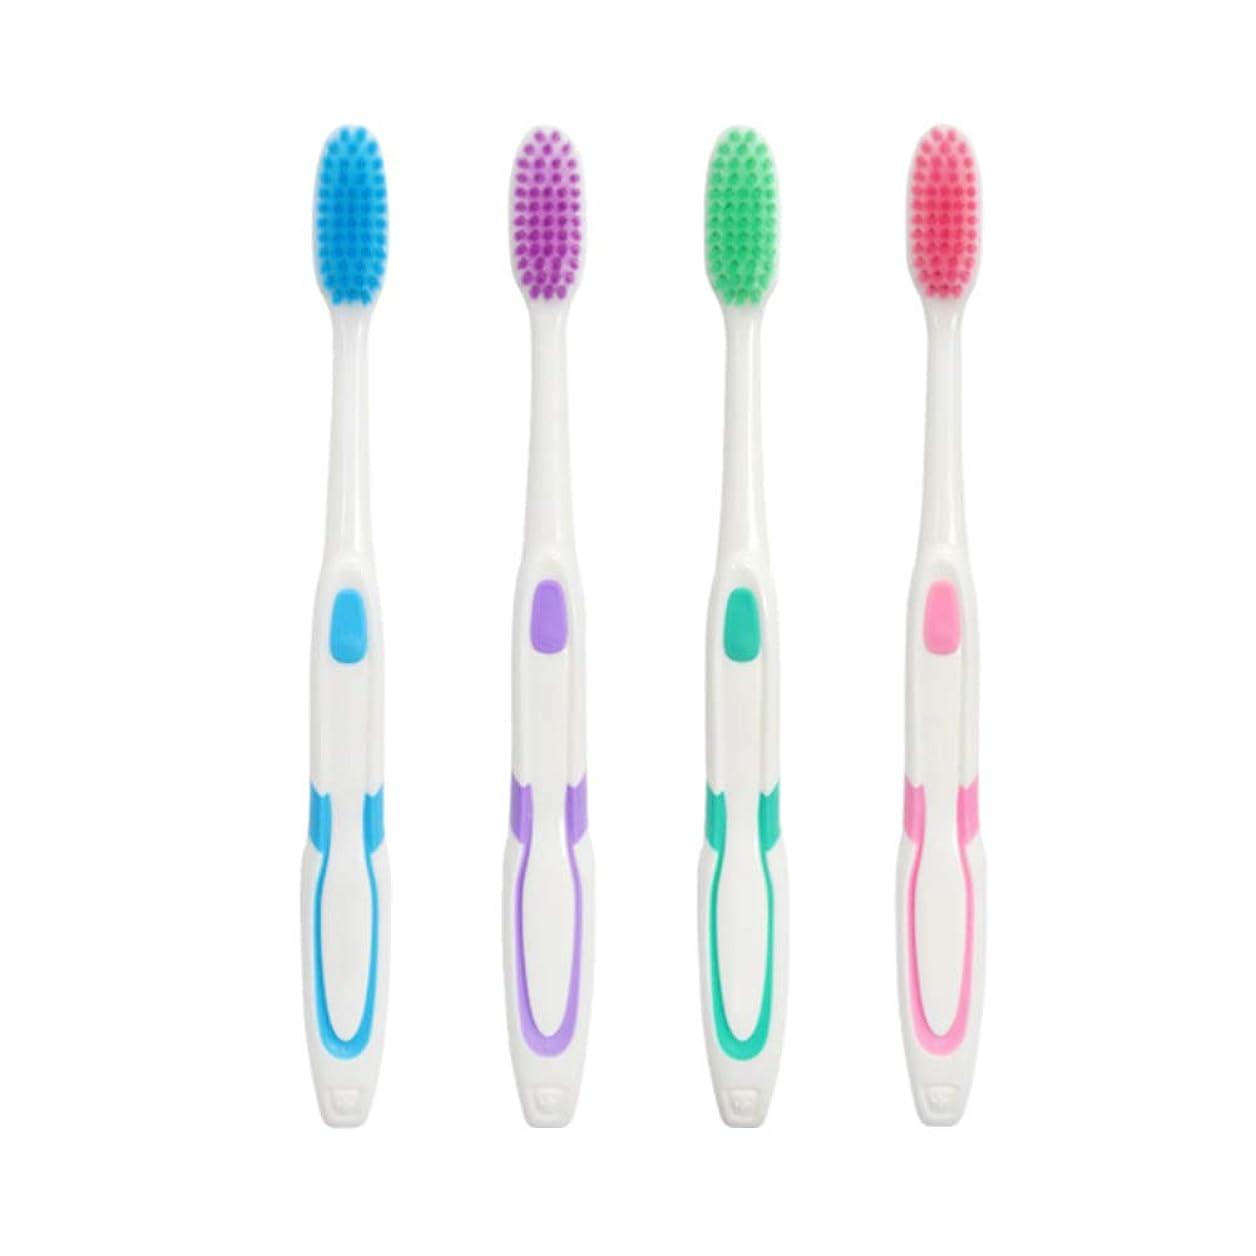 わかりやすい資料耐久TOPBATHY 4ピース柔らかい歯ブラシ歯ブラシ用深く口腔クリーニングホームトラベル屋外大人子供